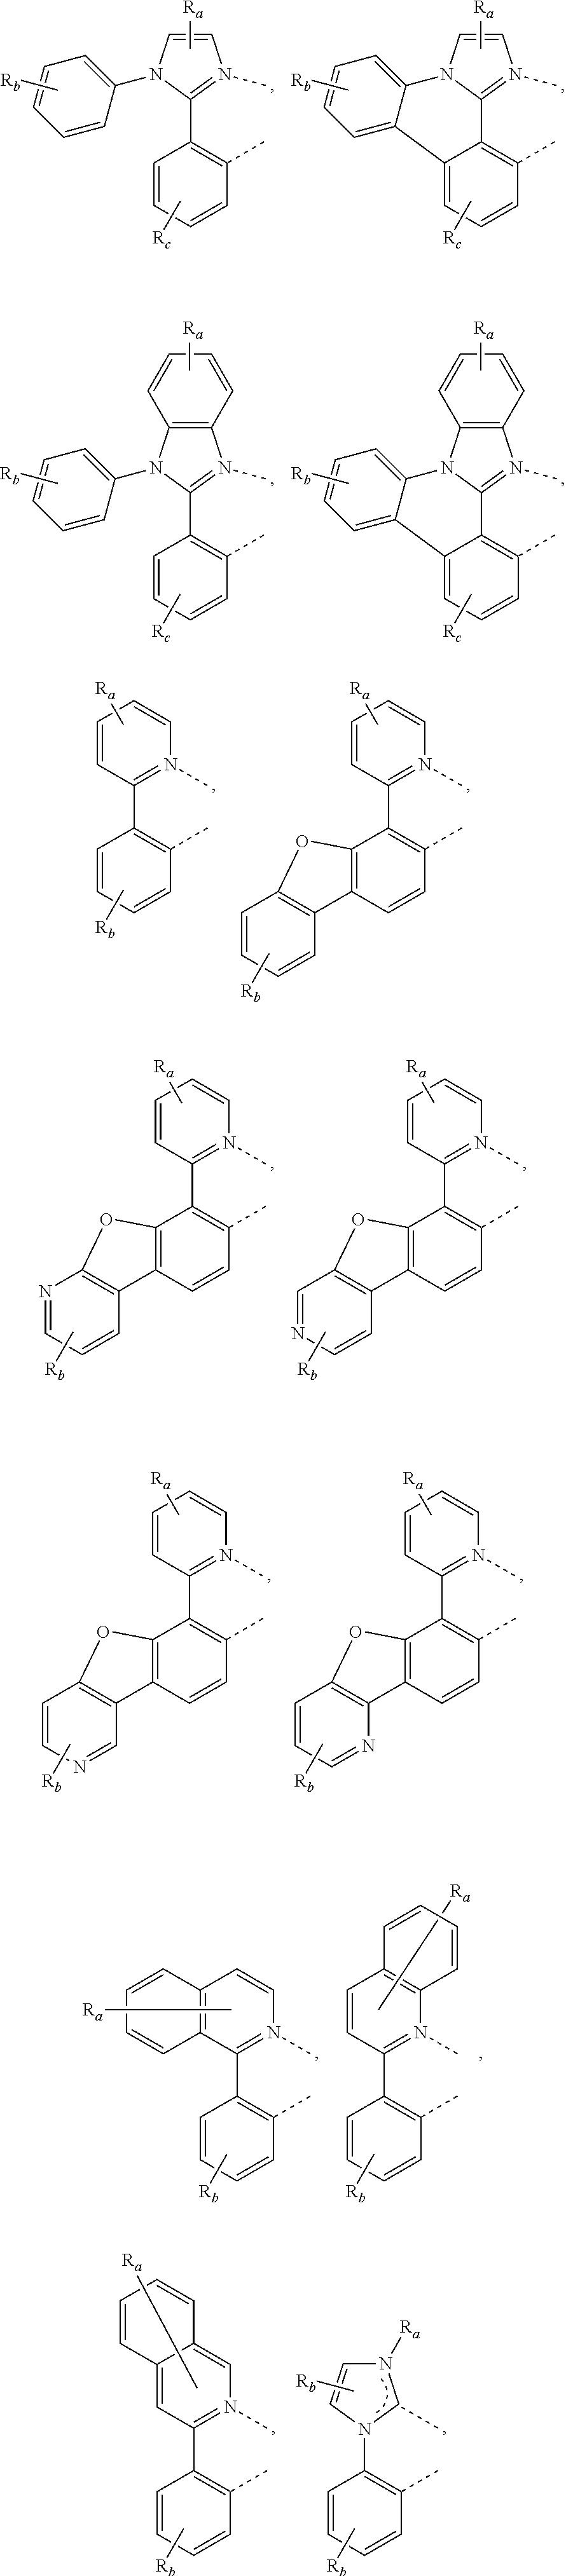 Figure US09761814-20170912-C00260